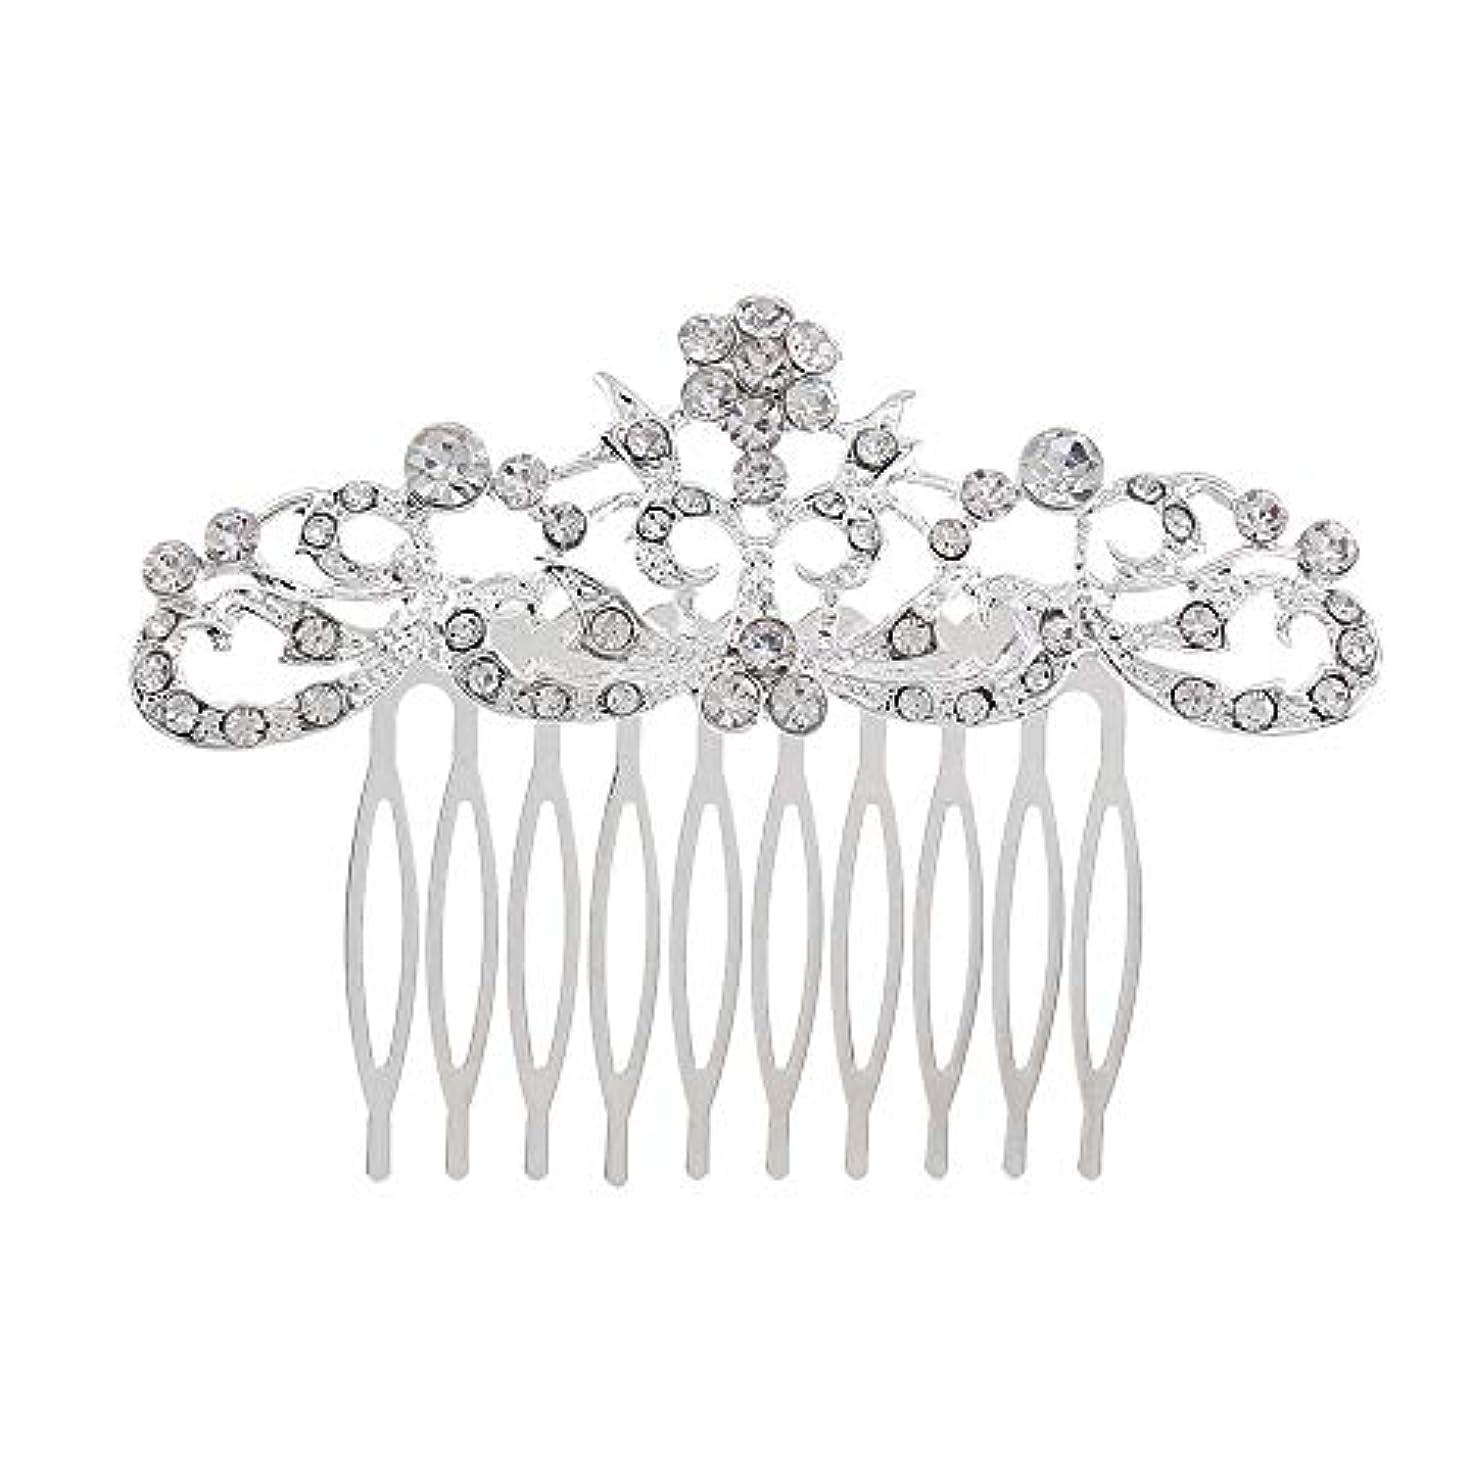 秘密の磁器ラッシュ髪の櫛の櫛の櫛の花嫁の髪の櫛のファッションラインストーンの櫛の櫛の花嫁の頭飾りの結婚式のアクセサリー